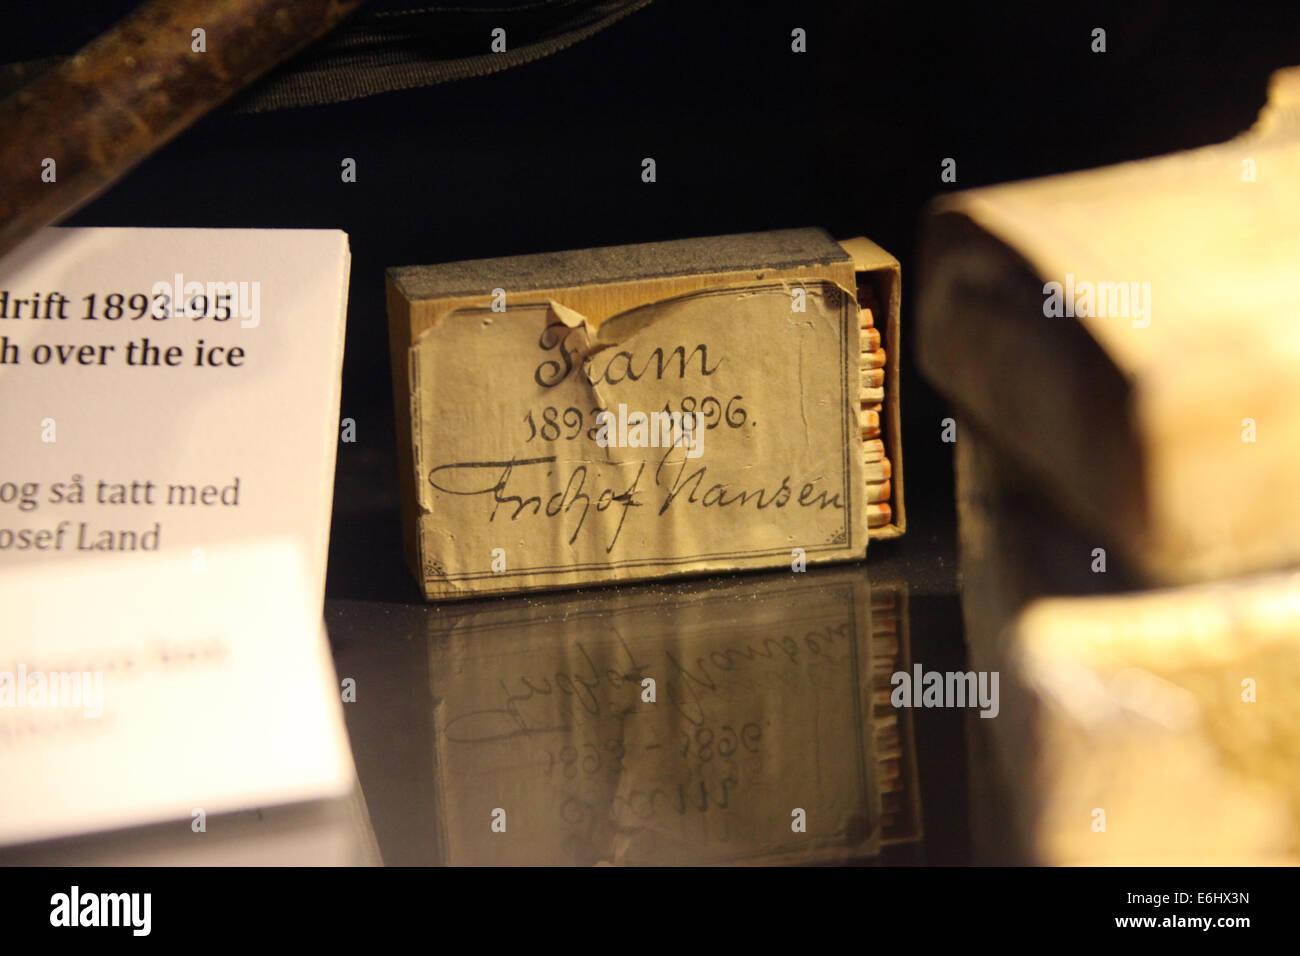 Matchbox appartenenti a Fridtjoj Nansen nel Museo Fram di esplorazione polare in Oslo Immagini Stock